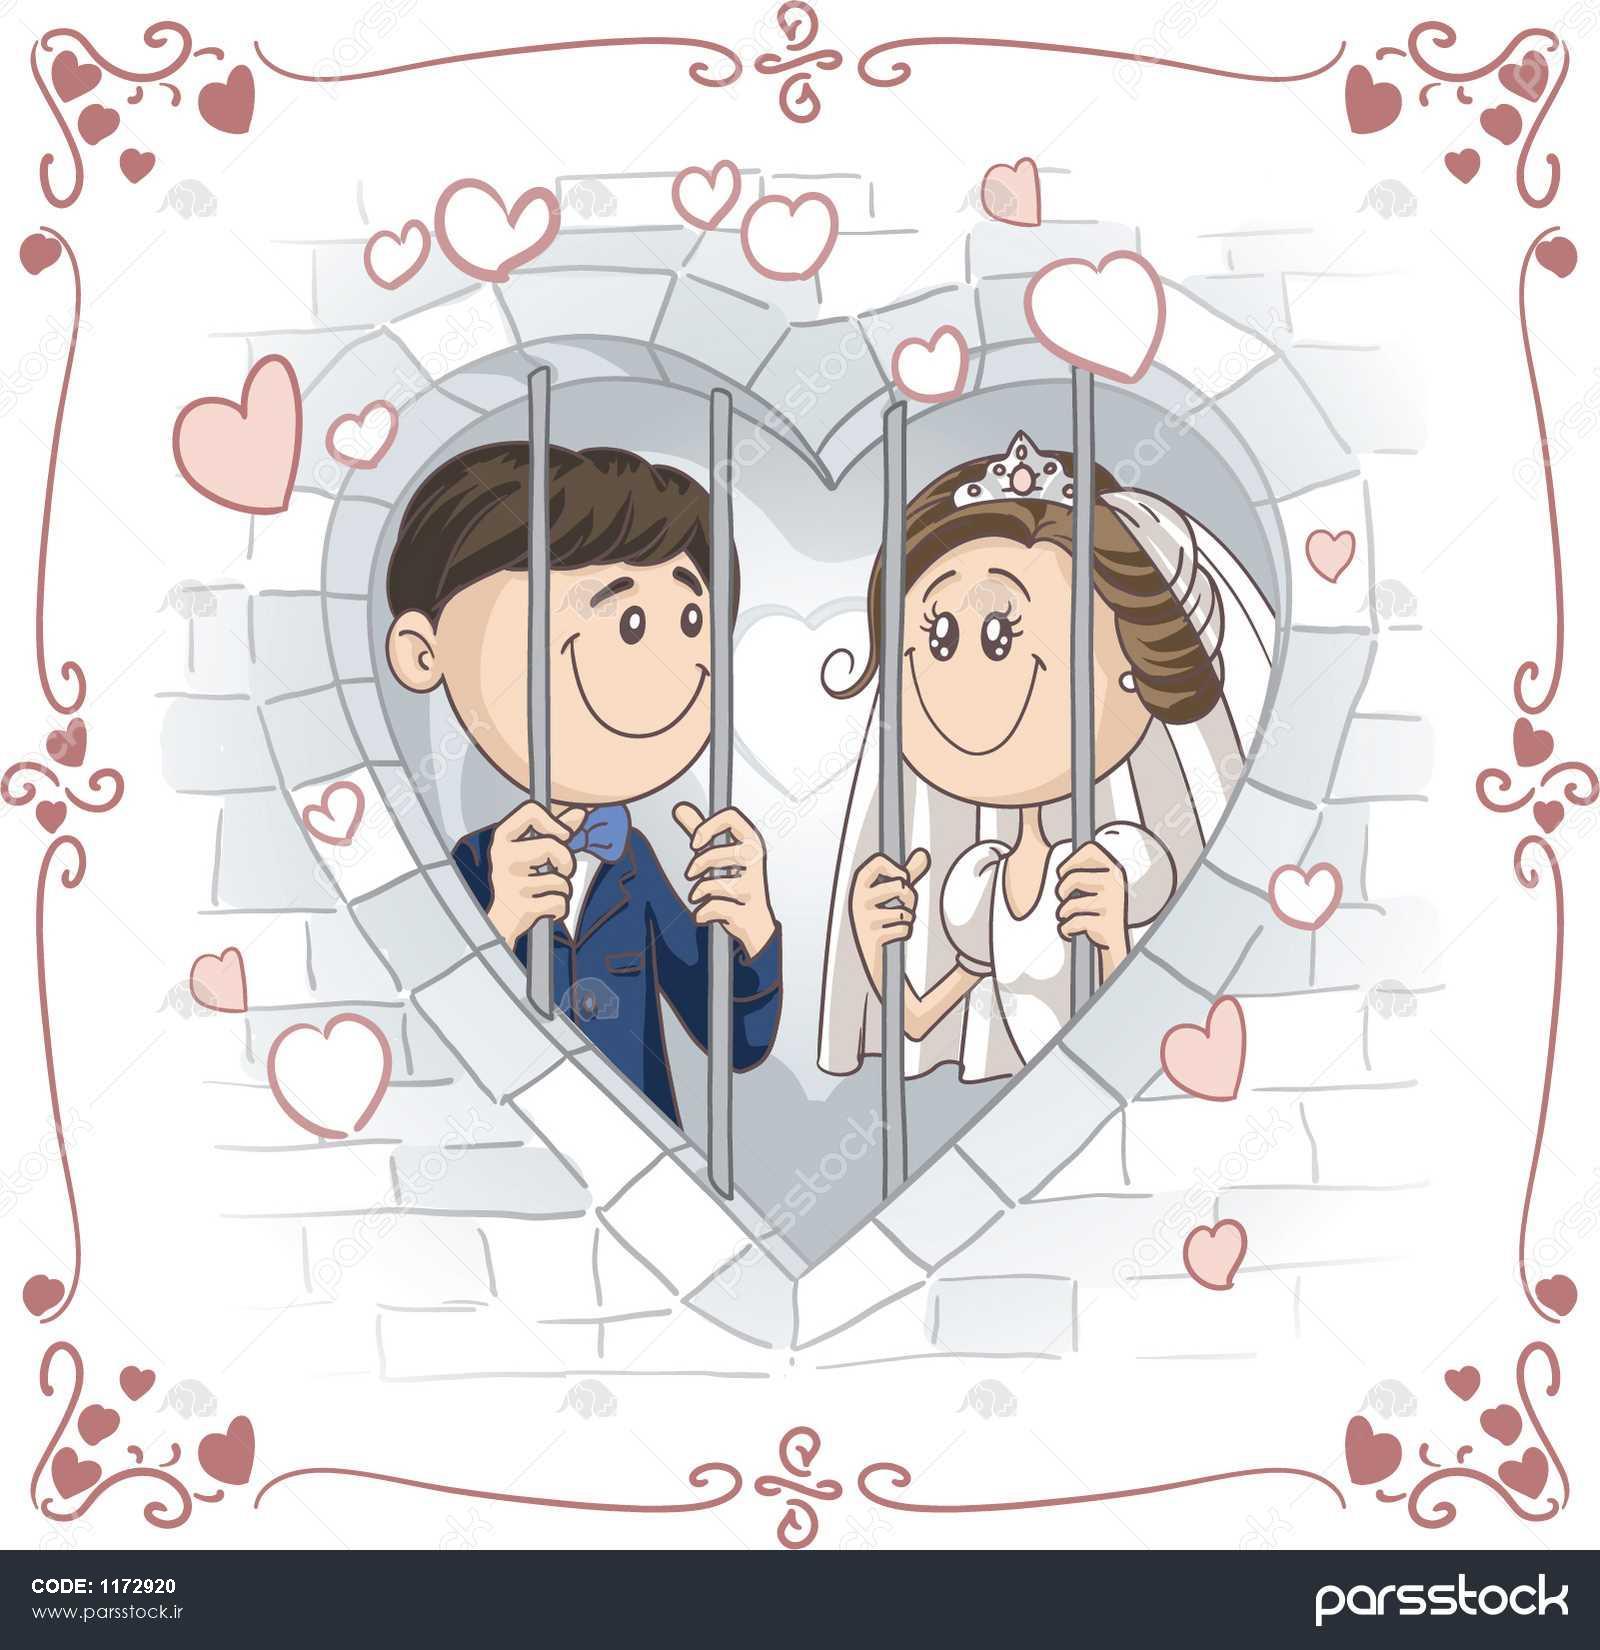 شعر خانم های متاهل در وصف همسرشان